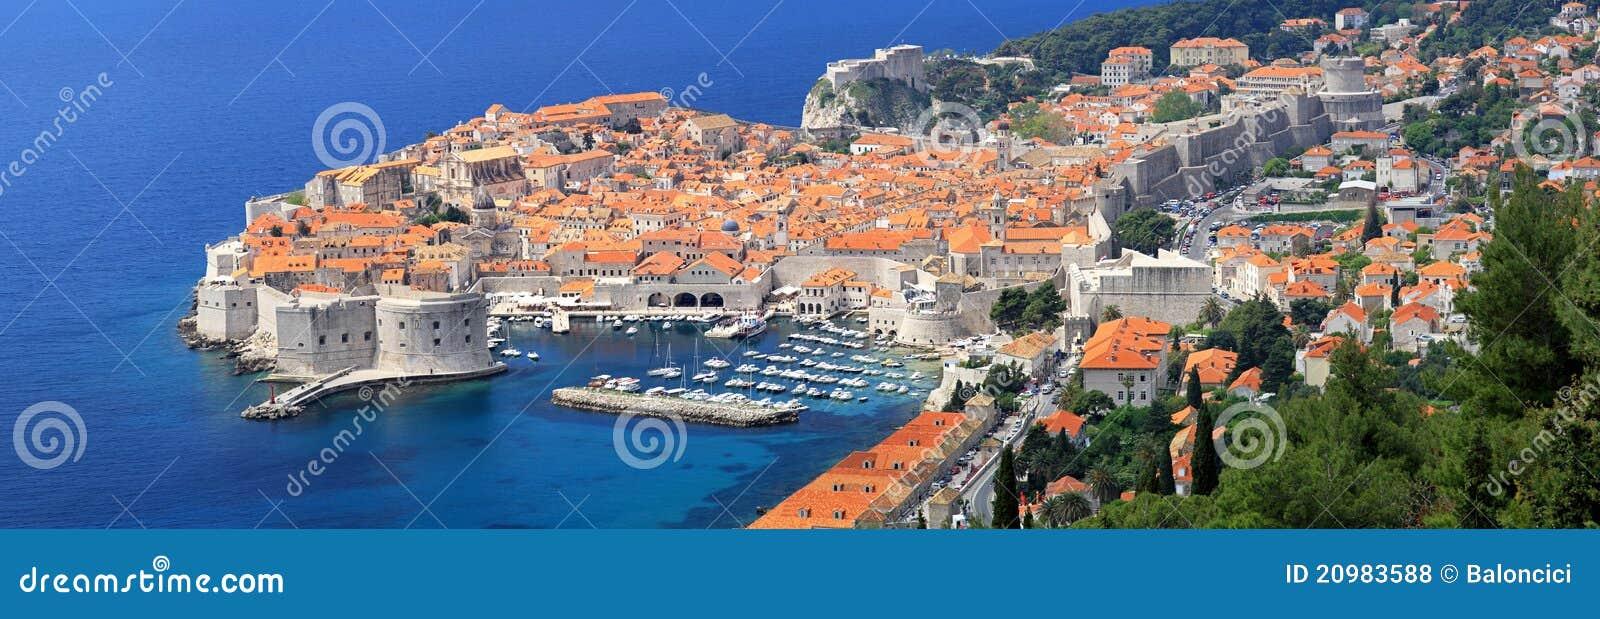 Dubrovnik panoramique